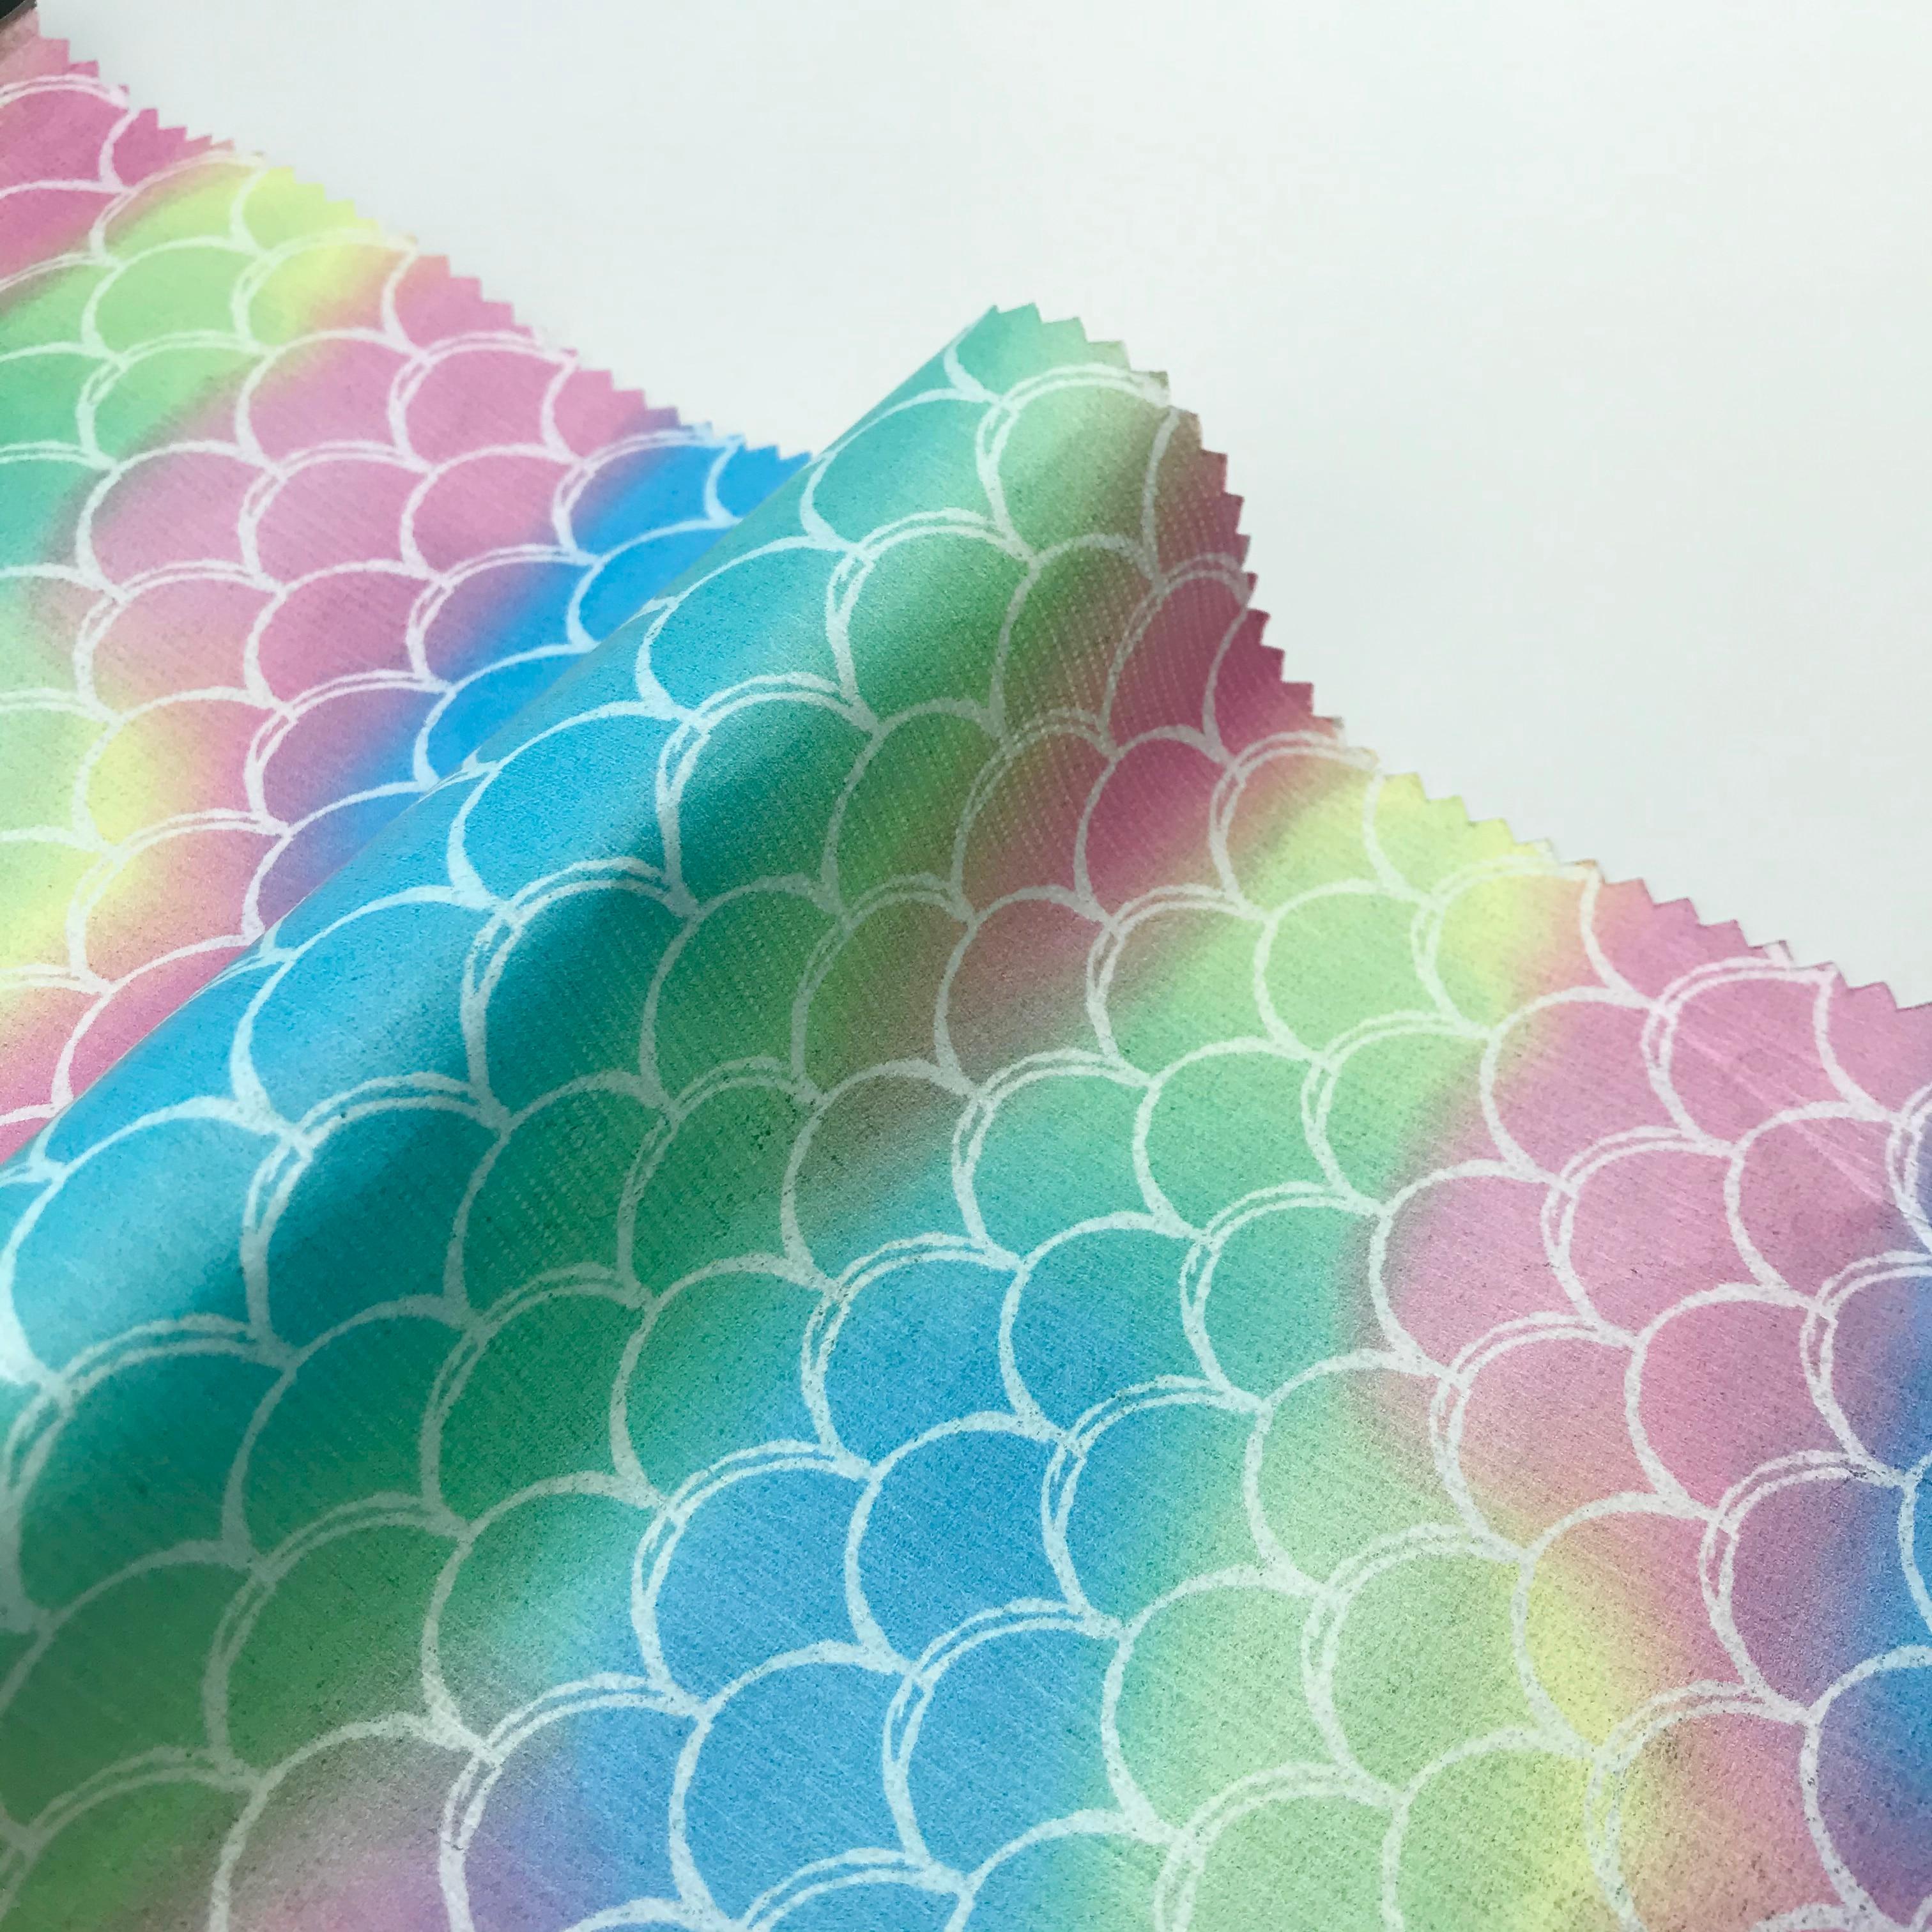 Parlak balık terazi tasarımcı kumaş solunum kağıt kumaş kağıt kumaş tyvek kumaş yağmurluk COSPLAY bez bebek bezi DIY BagHat